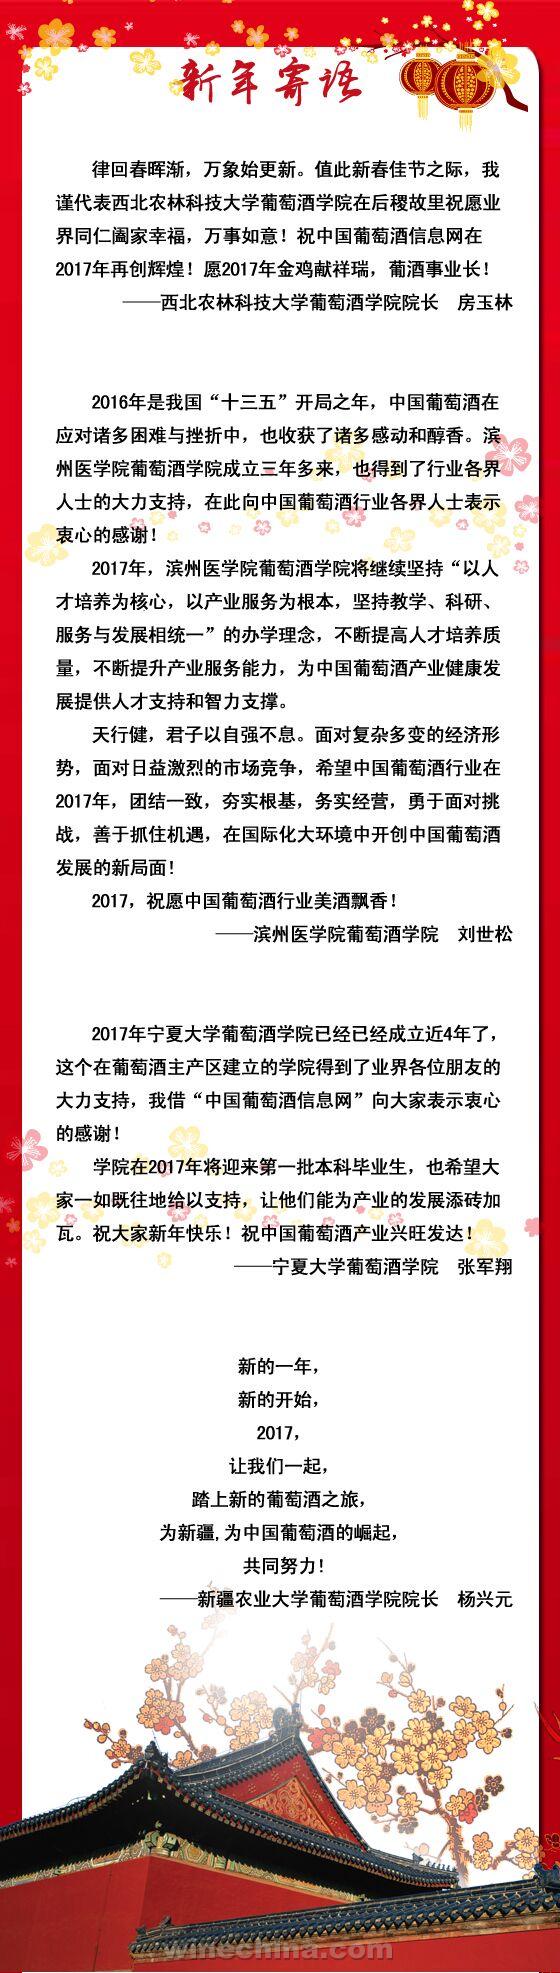 中国葡萄酒行业新年寄语(九)